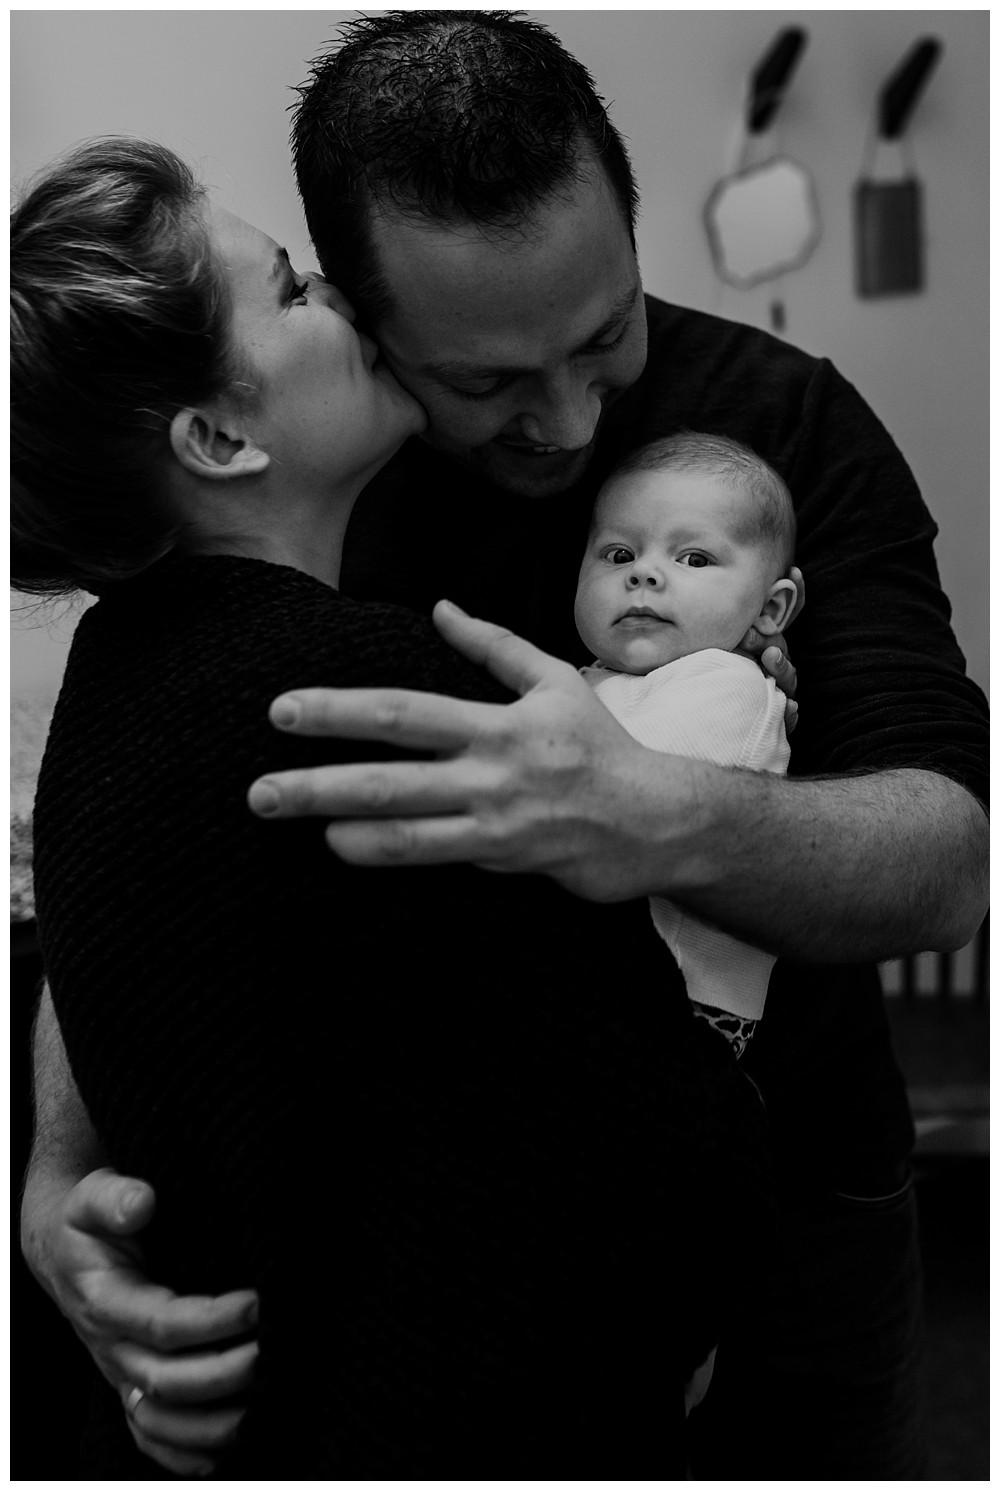 Oh-Belle_blog_Newbornshoot-Voorthuizen_Fotograaf-Voorthuizen_Newborn_0033 Newborn shoot Voorthuizen